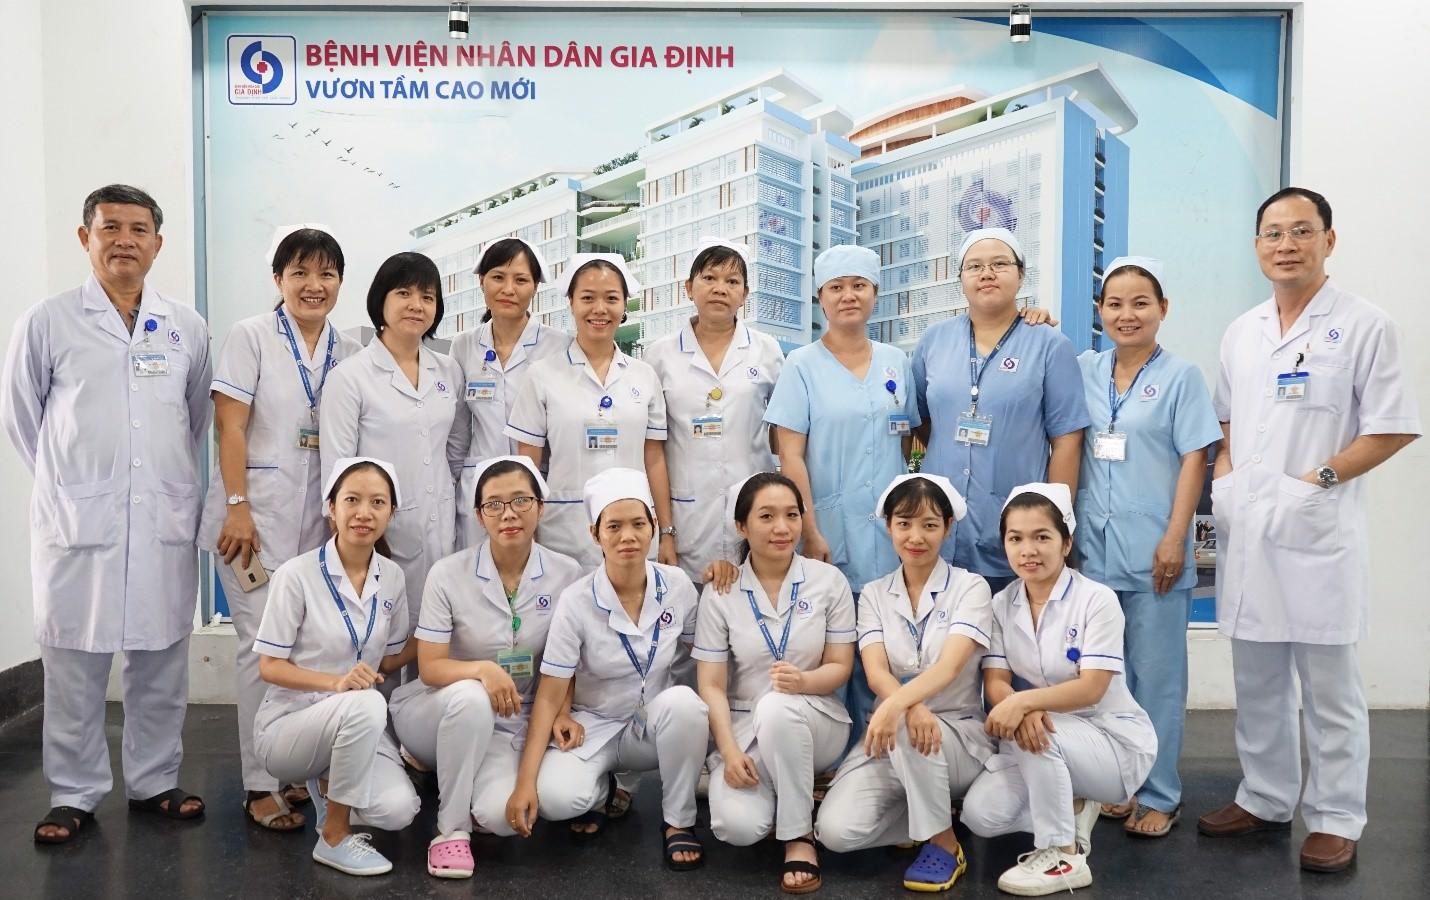 Bệnh viện Nhân Dân Gia Định và Ví MoMo